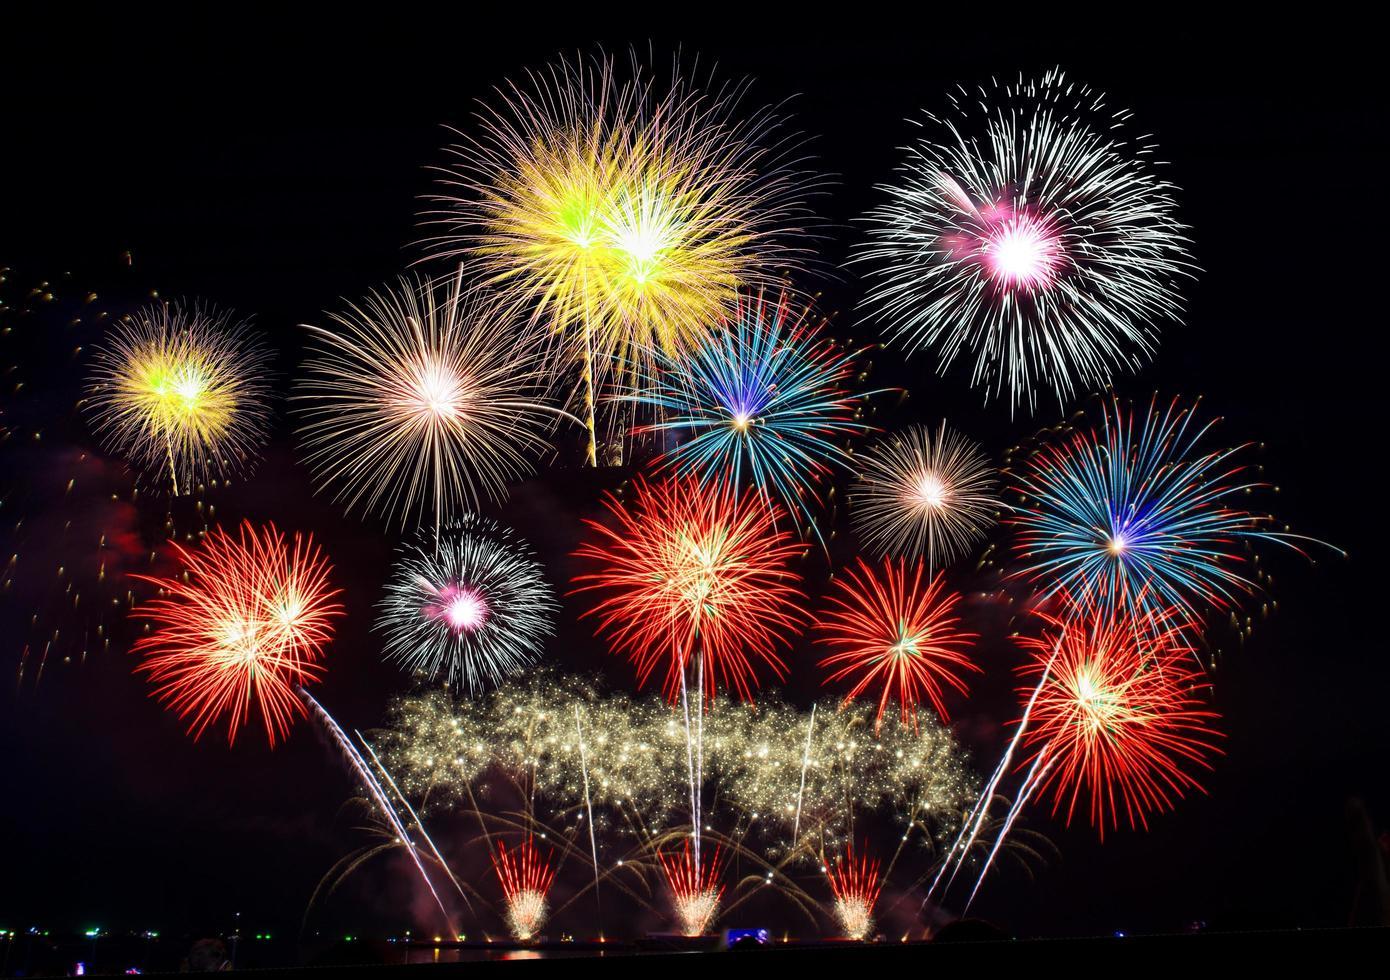 spectacle de feux d'artifice colorés photo